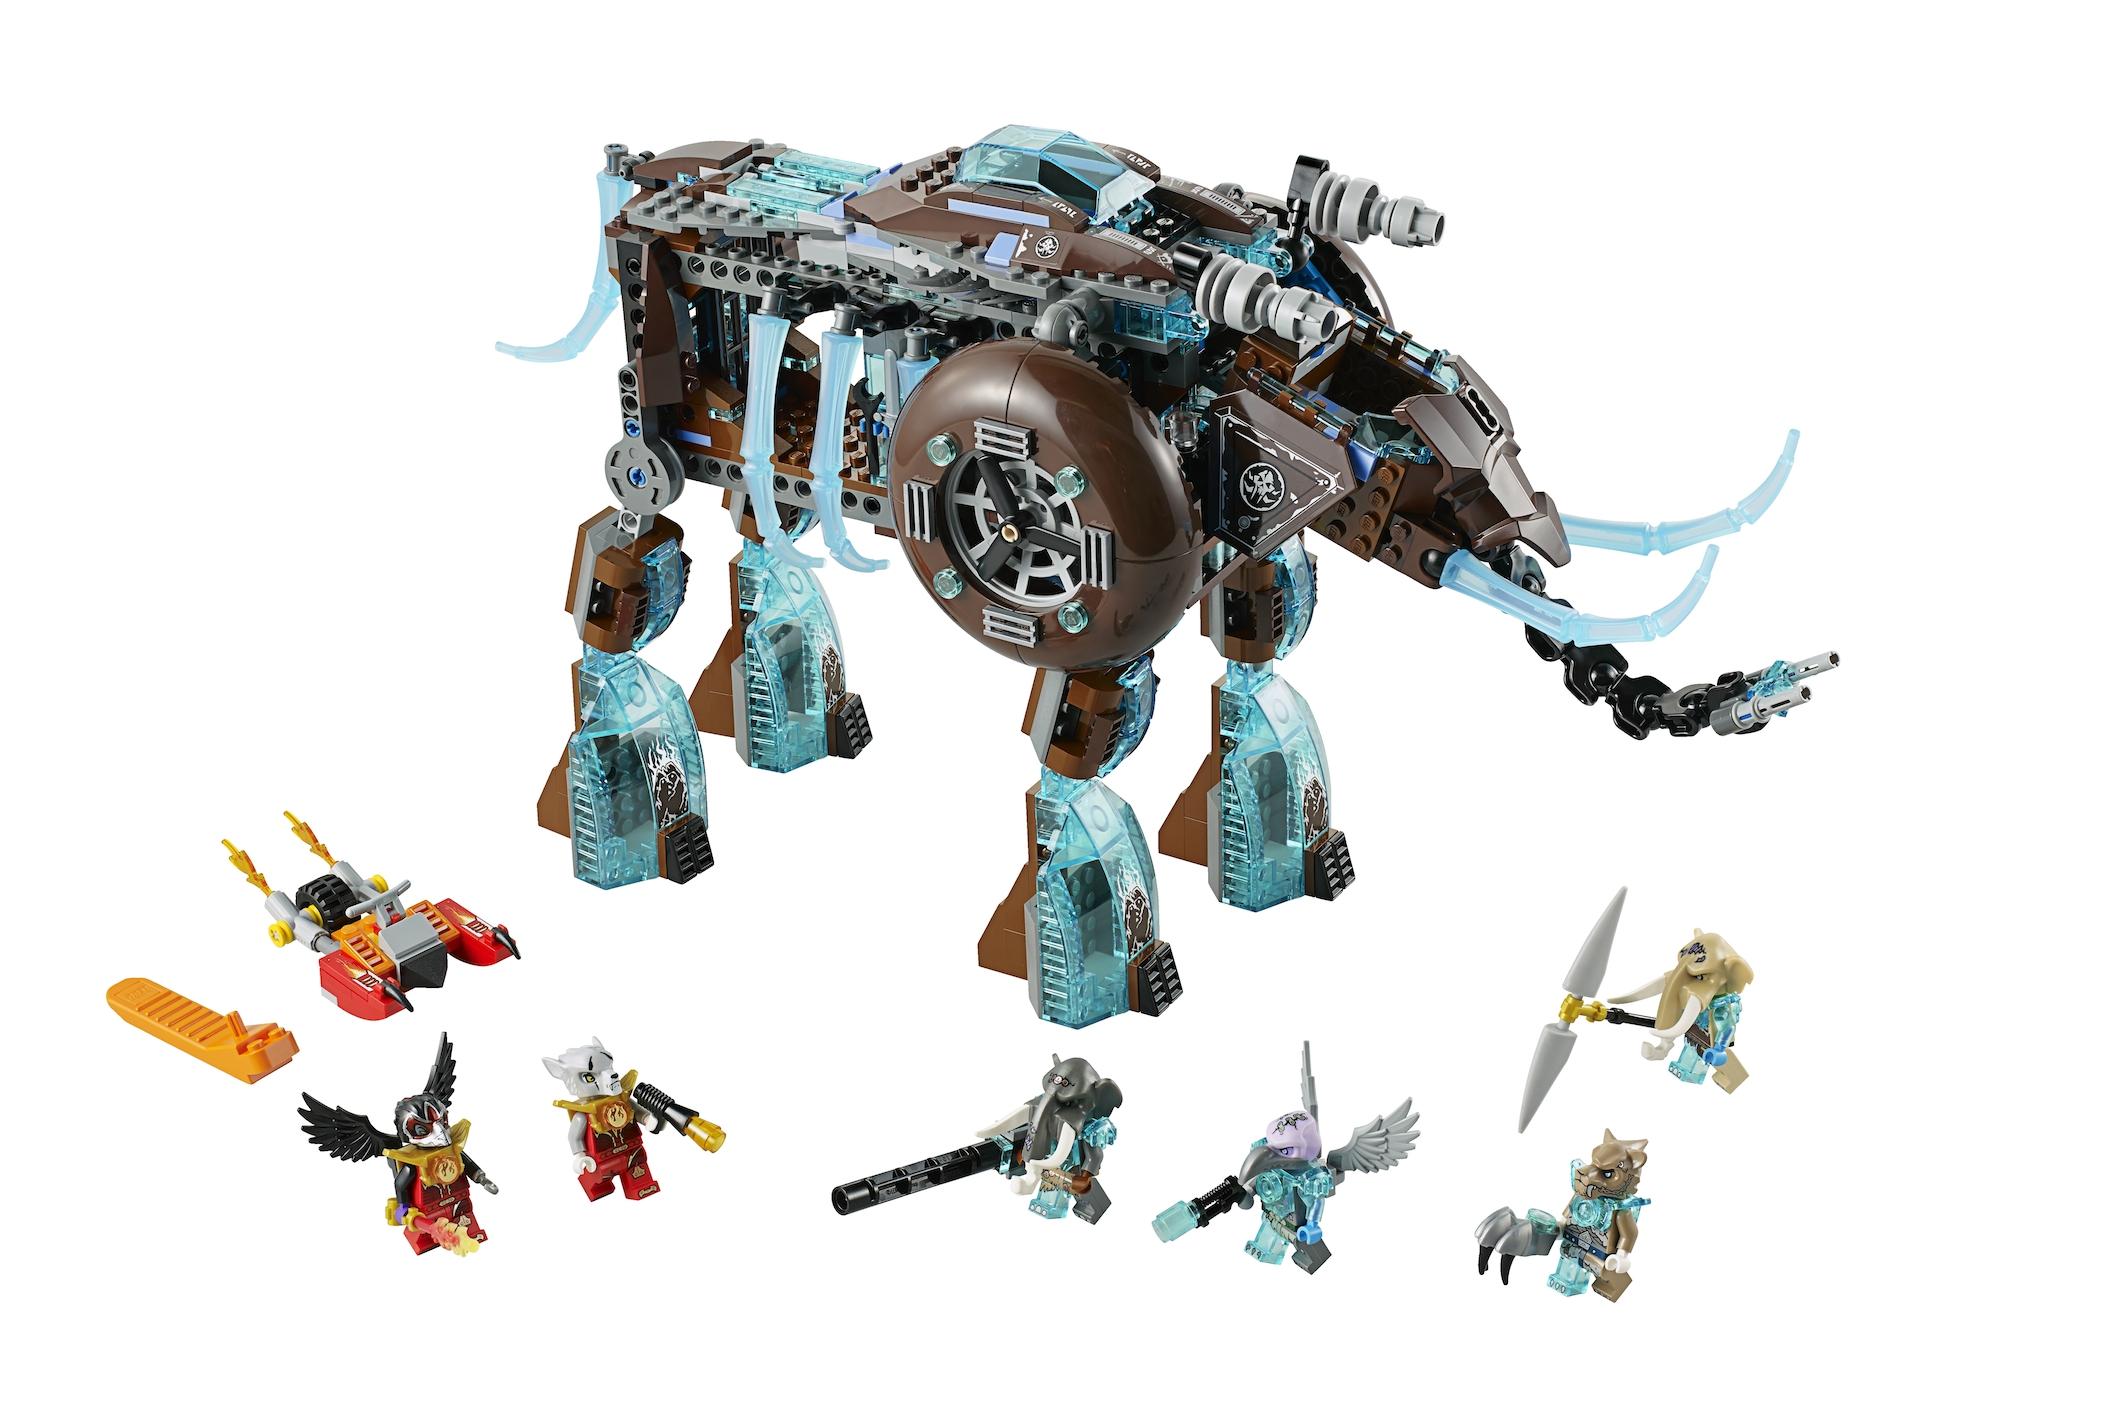 L 39 evasion des sens playmobil goliath lego quel jouet lui acheter pour no l - Image de lego chima ...